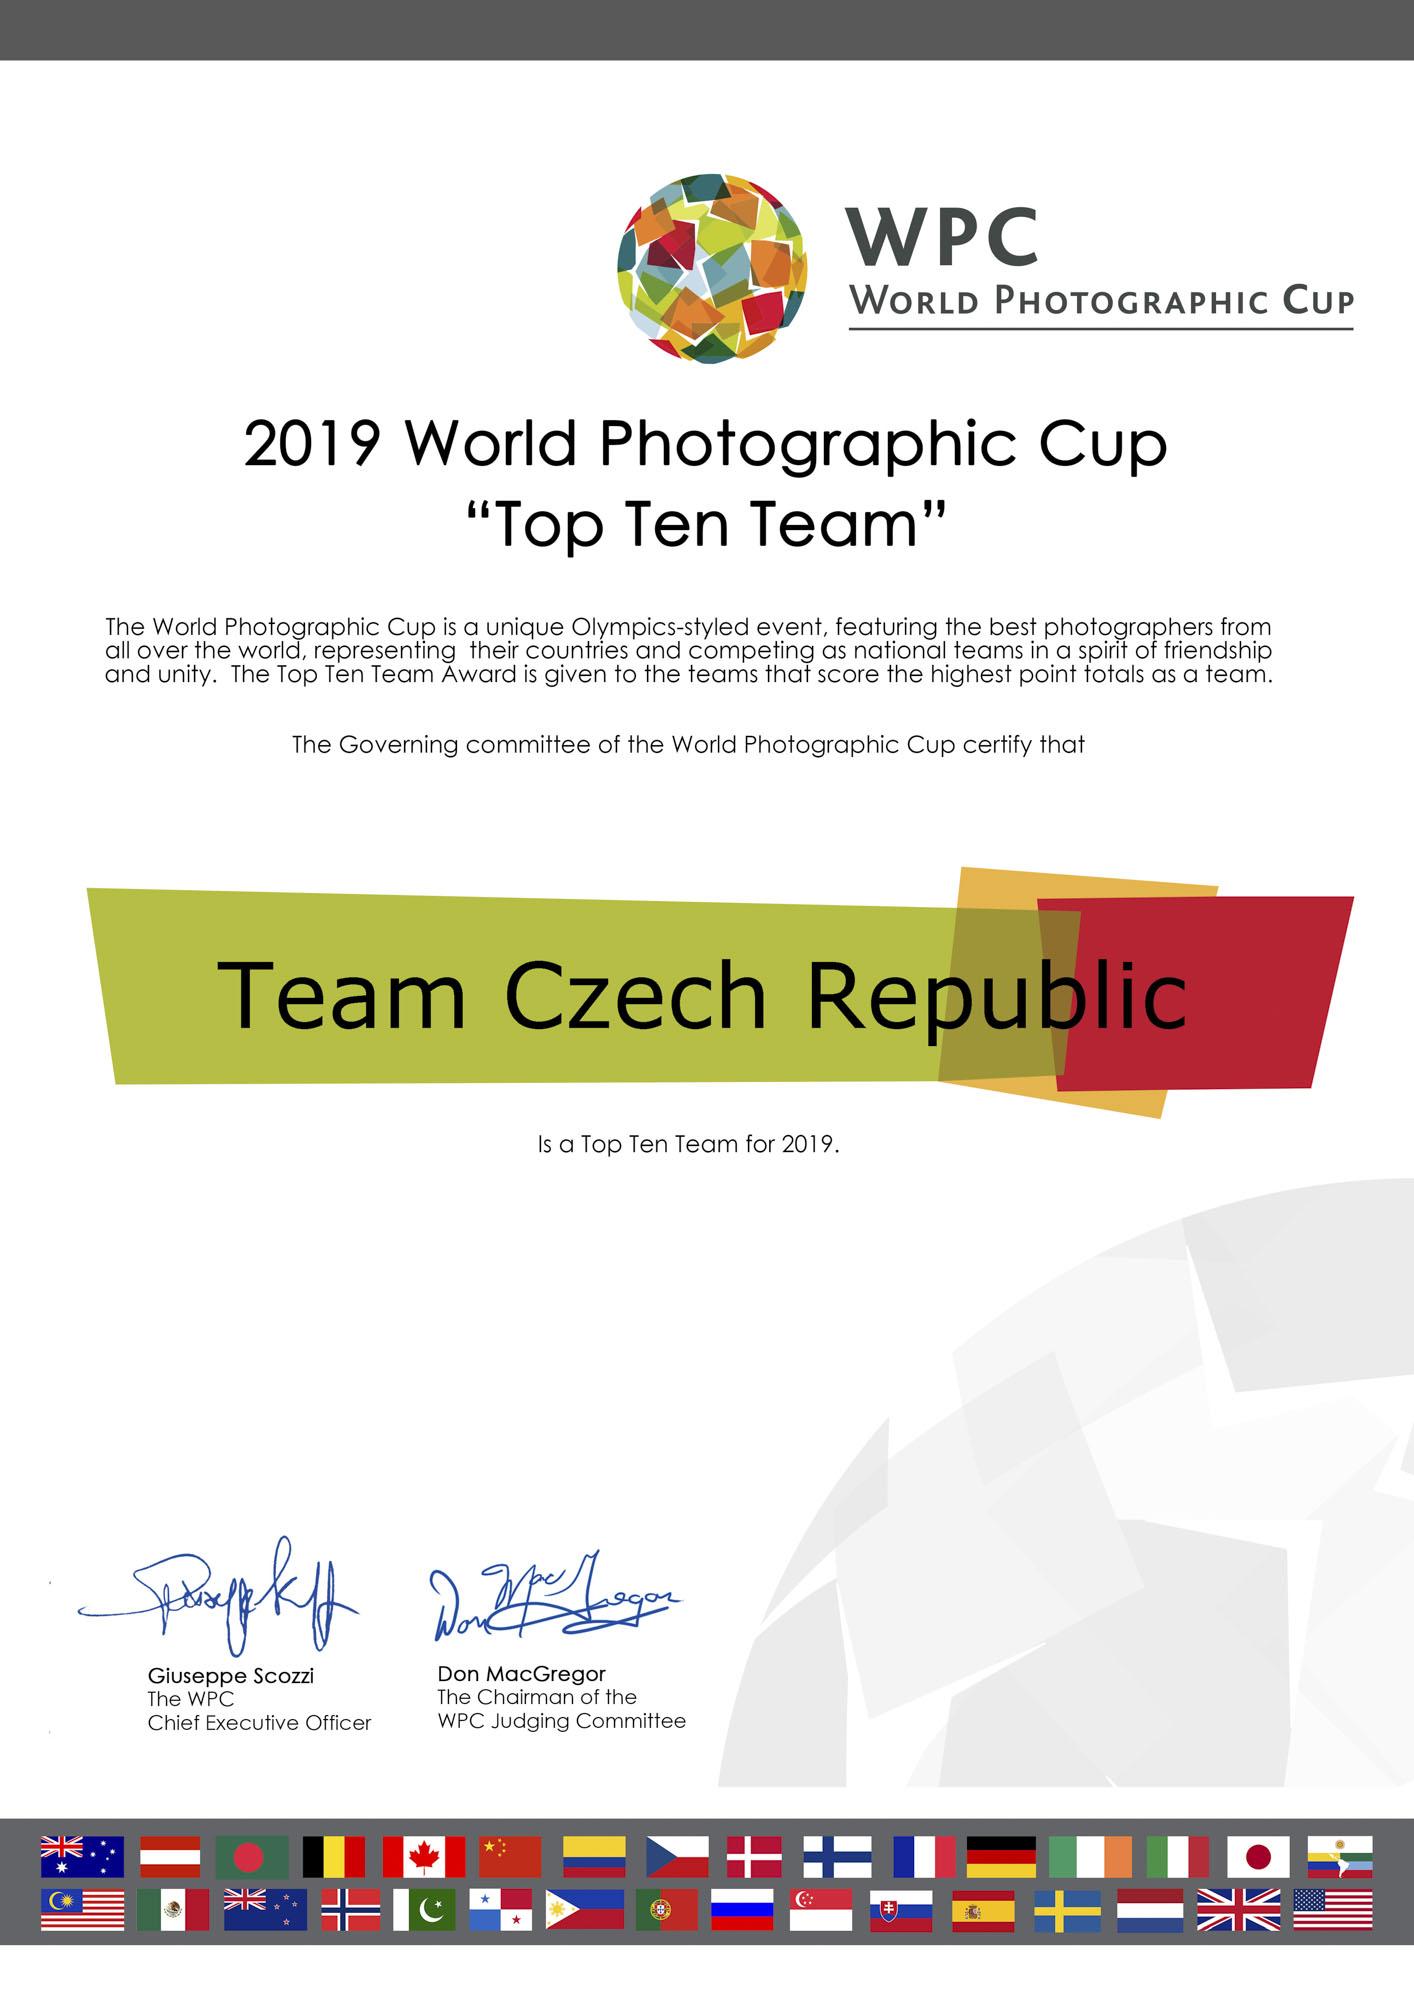 Světový fotografický pohár 2020 - uzávěrka prodloužena do 20.9. 2019 !!